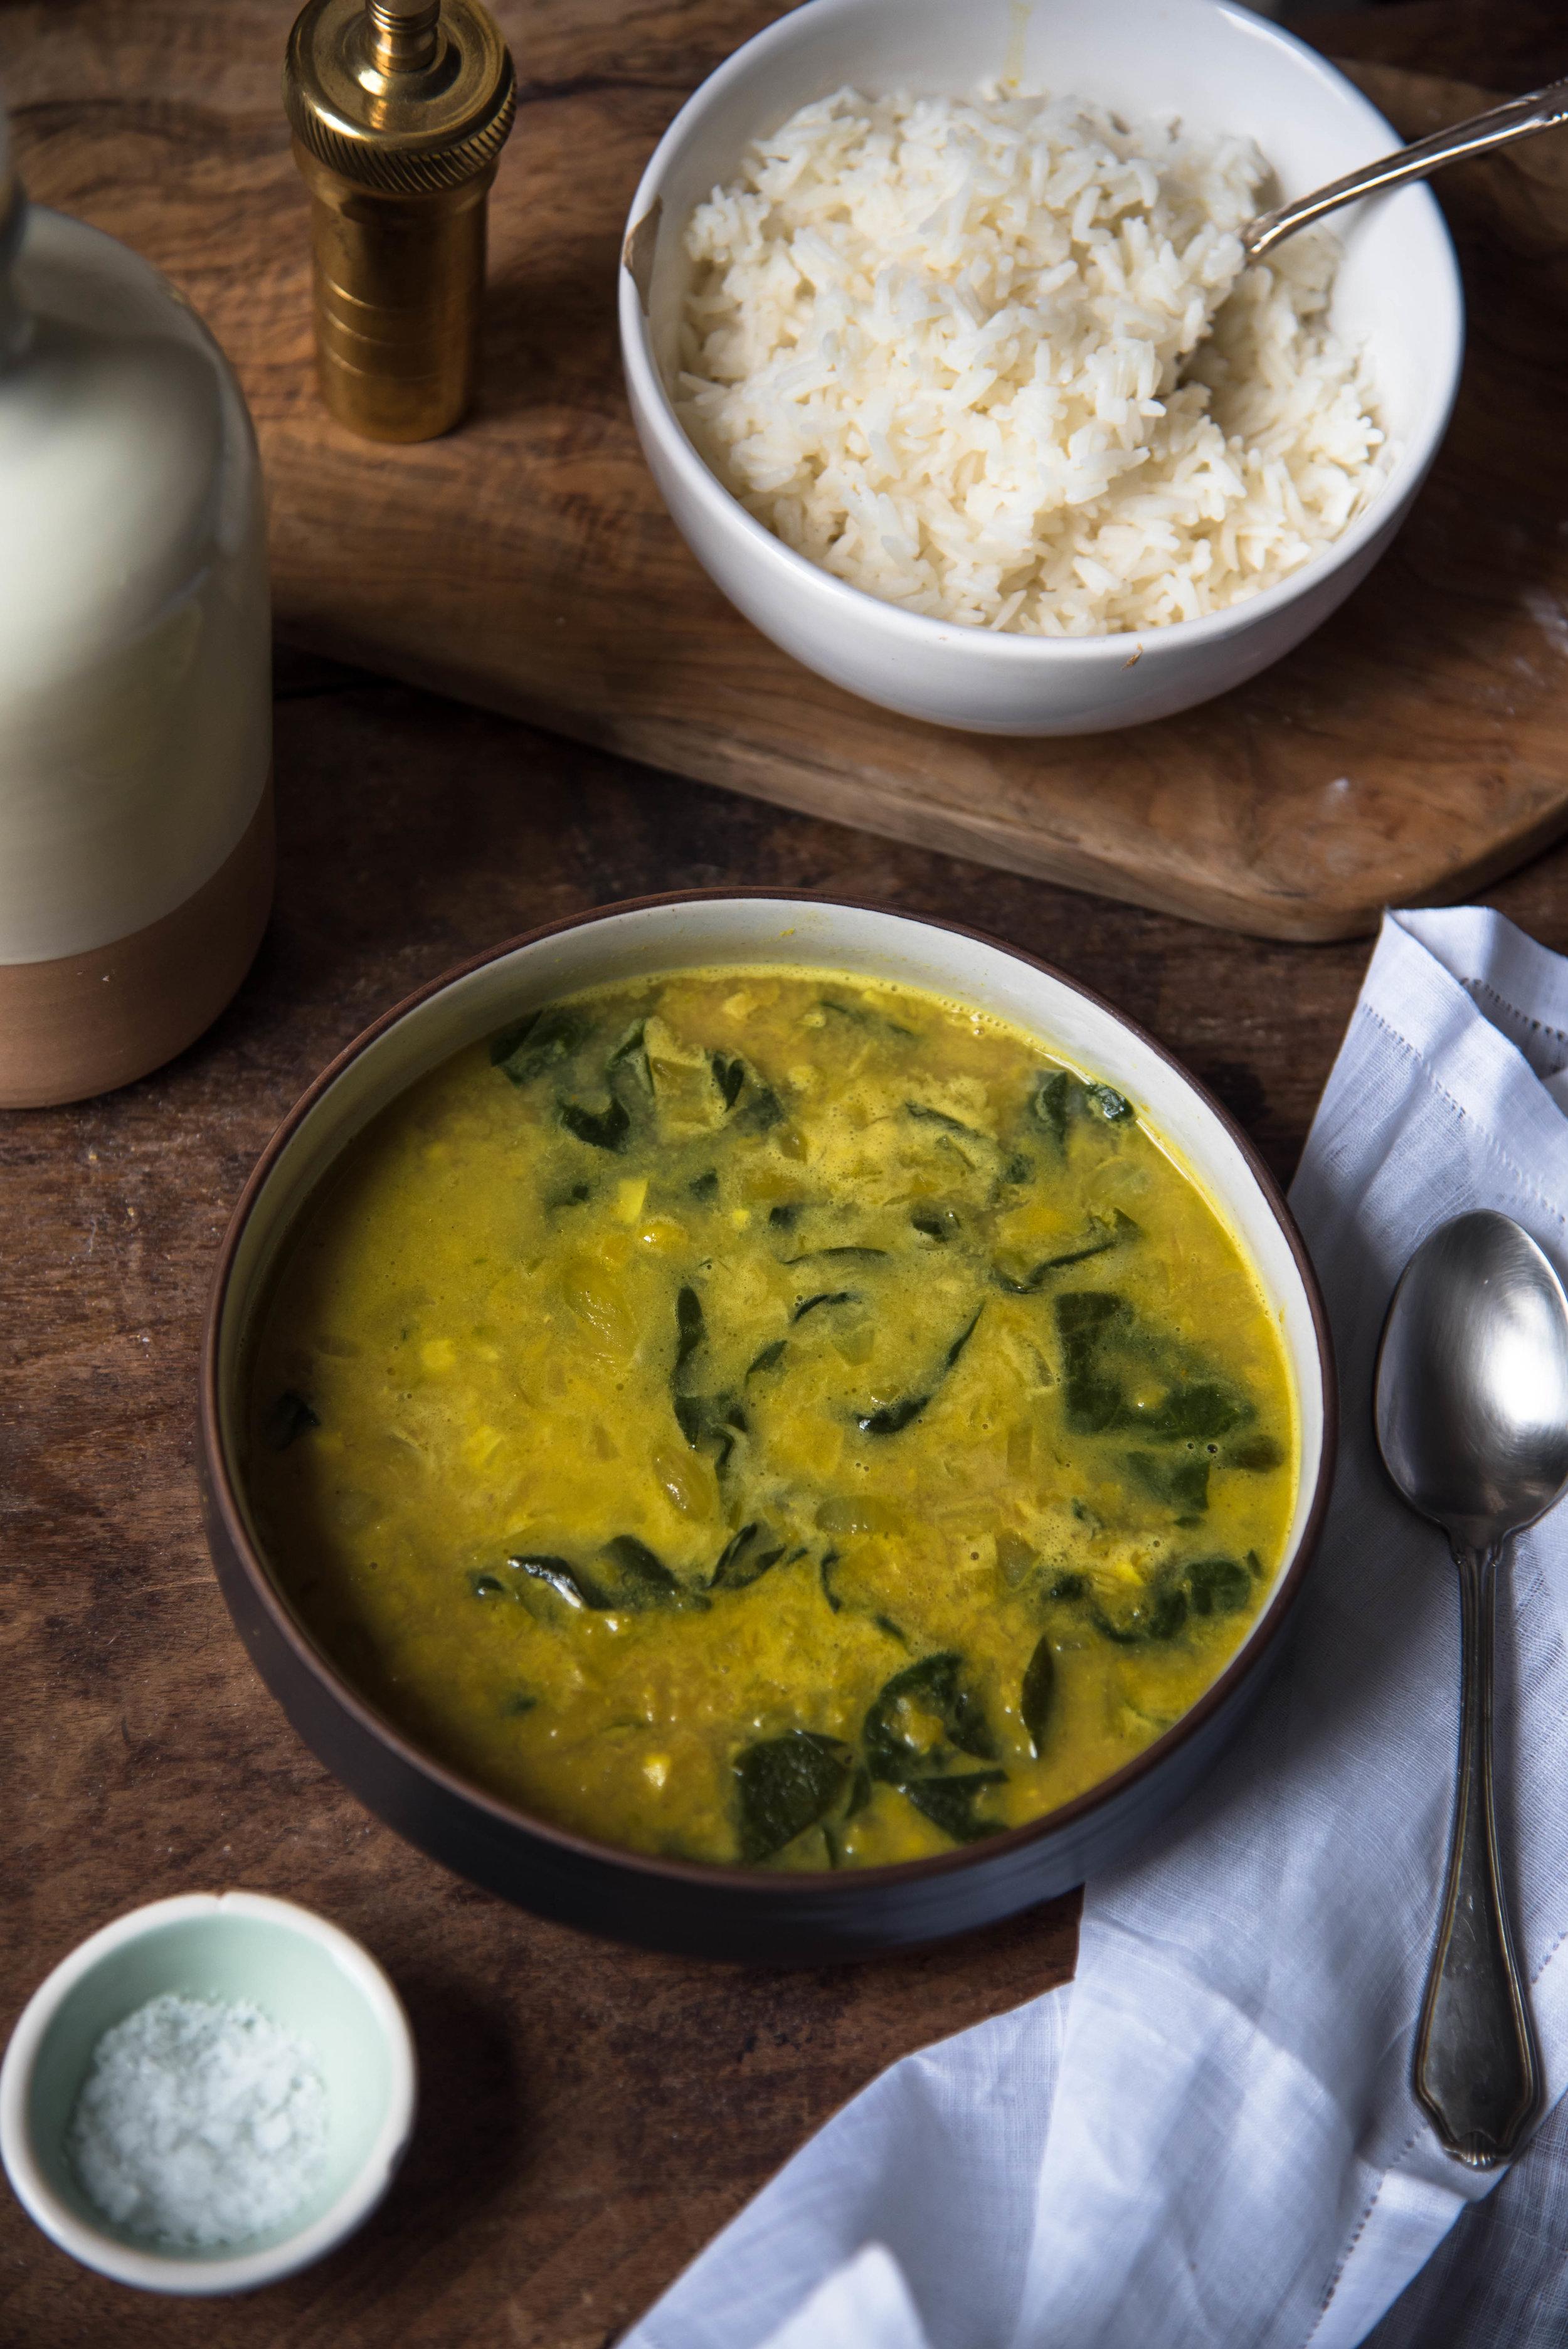 ROSE & IVY Journal Spiced Coconut Lentil Soup